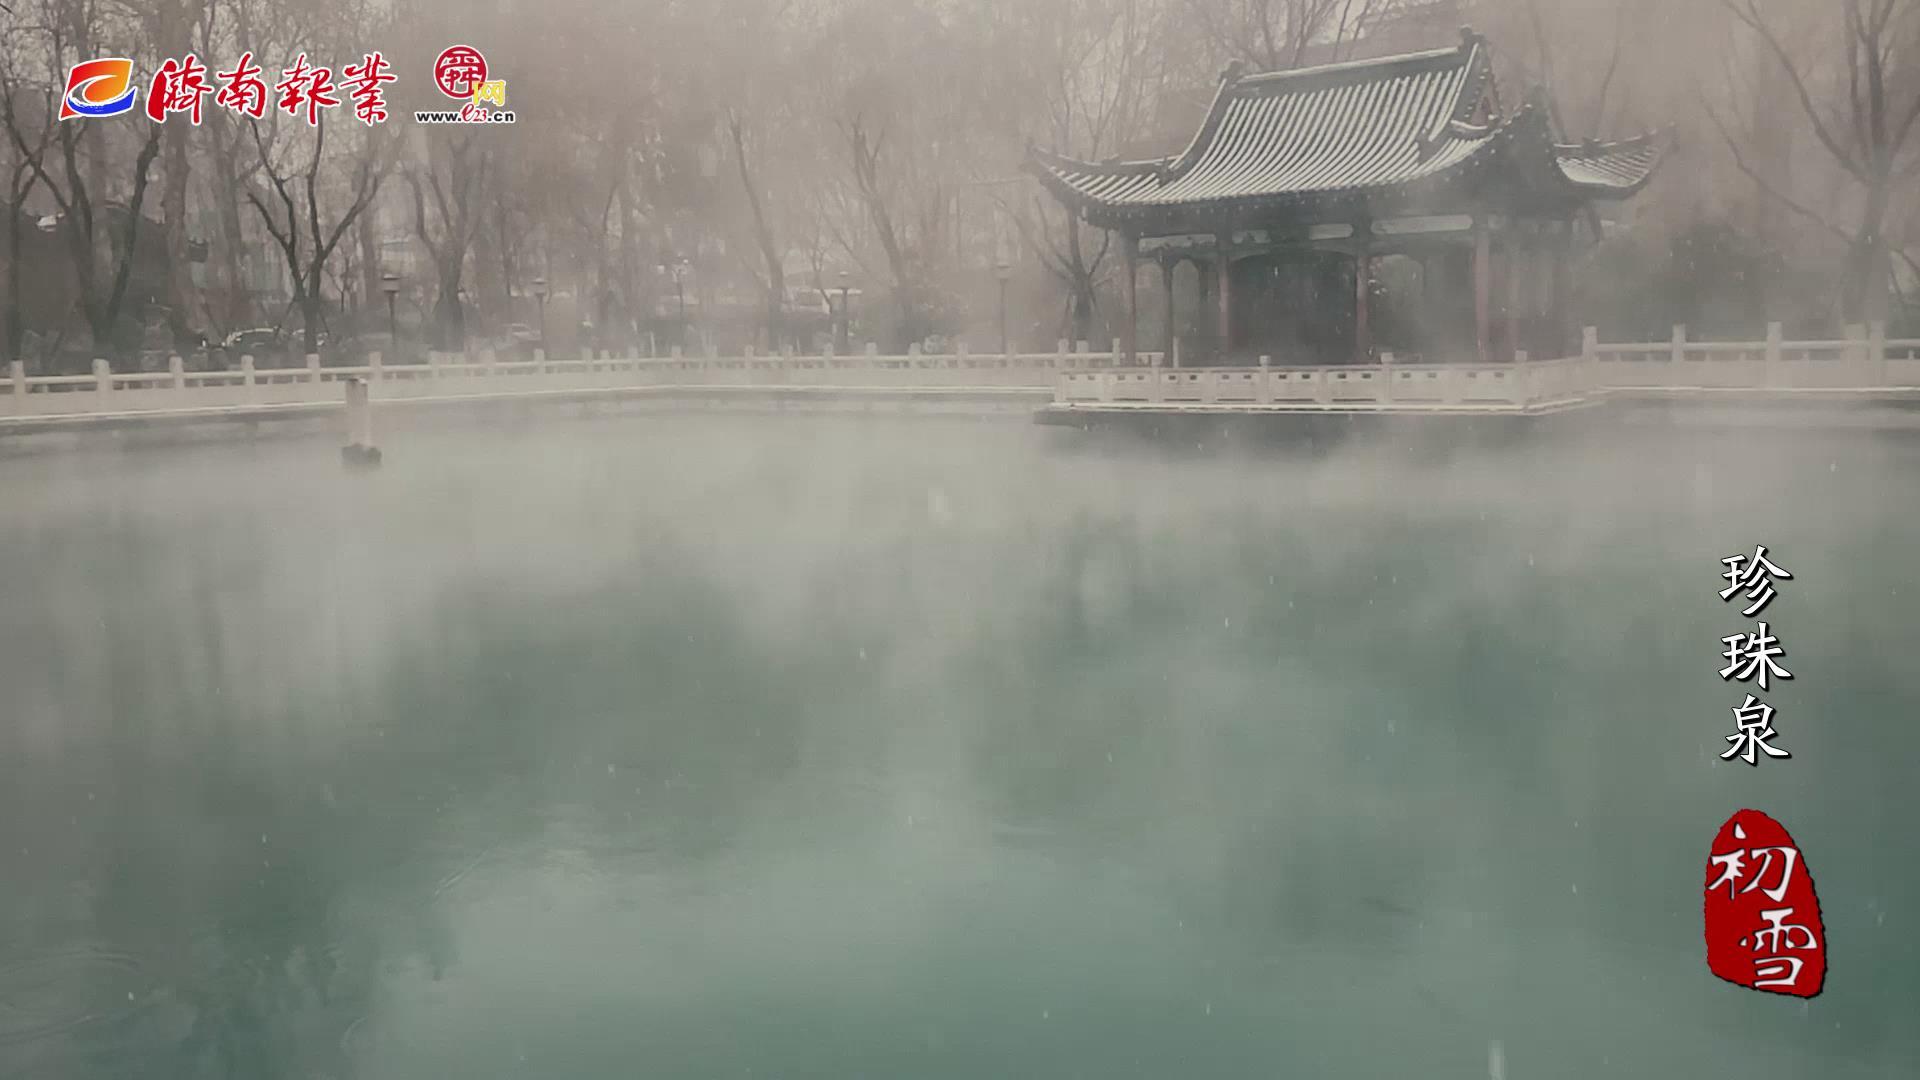 2020初雪中的珍珠泉